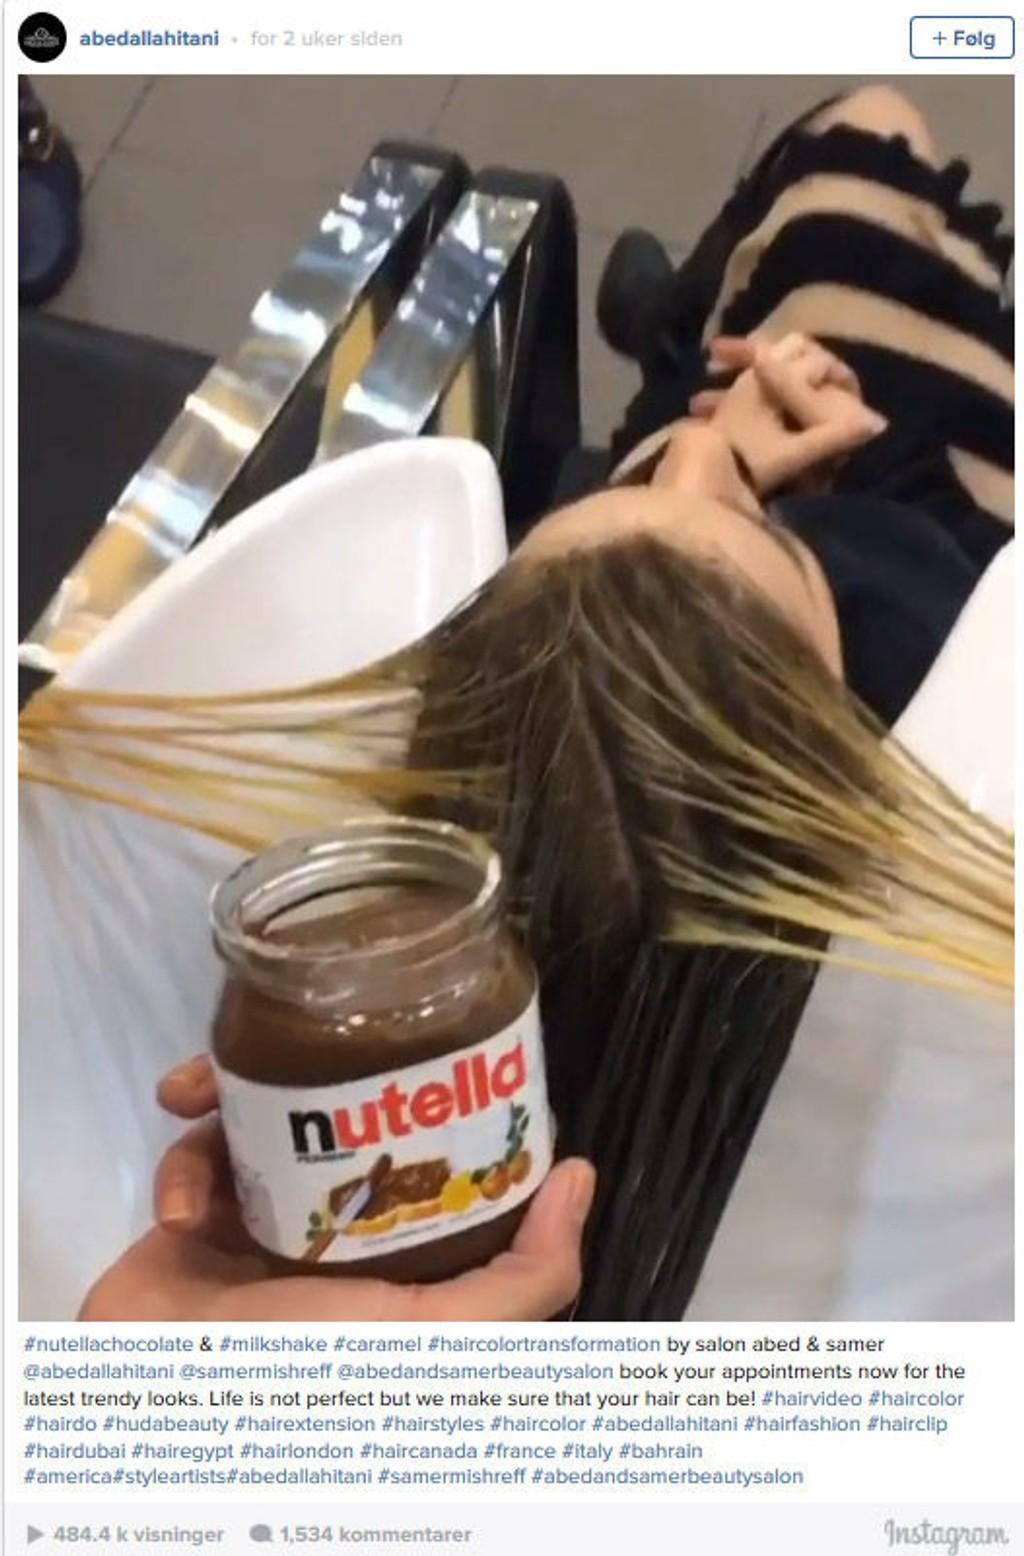 WOW: Oppskriften på en sunn og frisk hårfarge skal angivelig være striper med Nutella og litt kondensert melk.